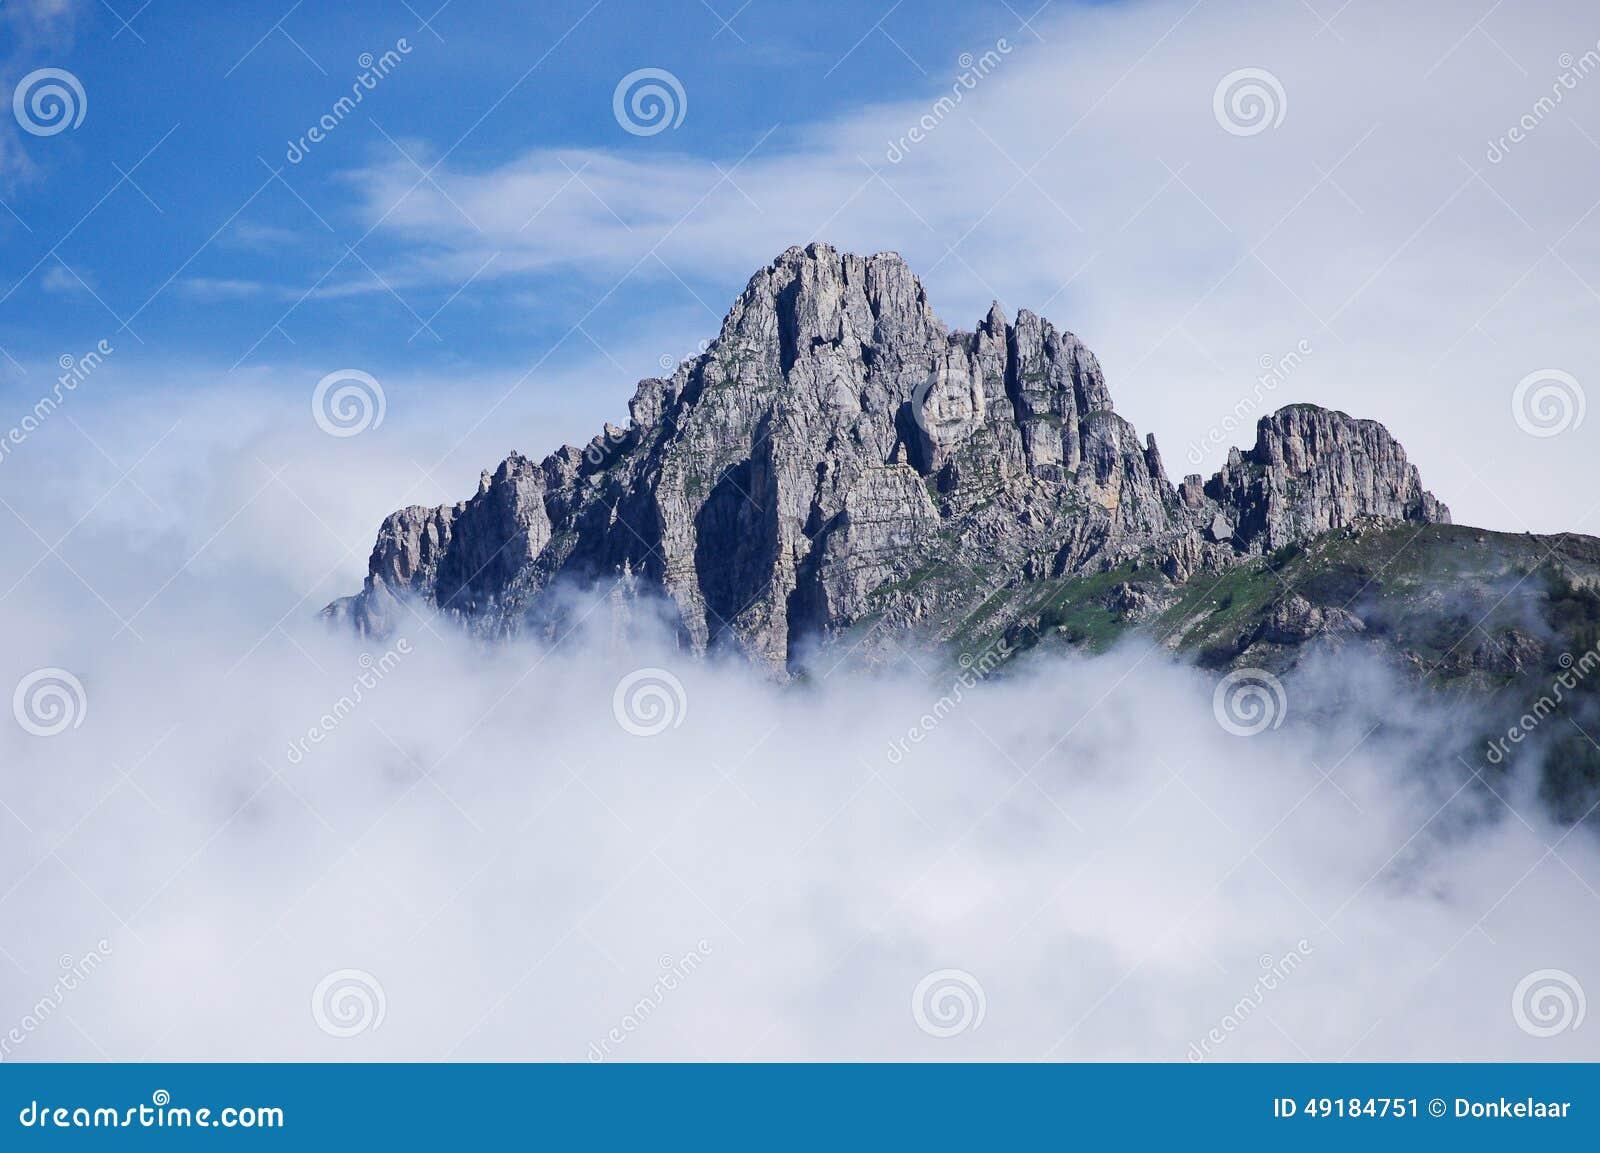 Peak of Chabrieres